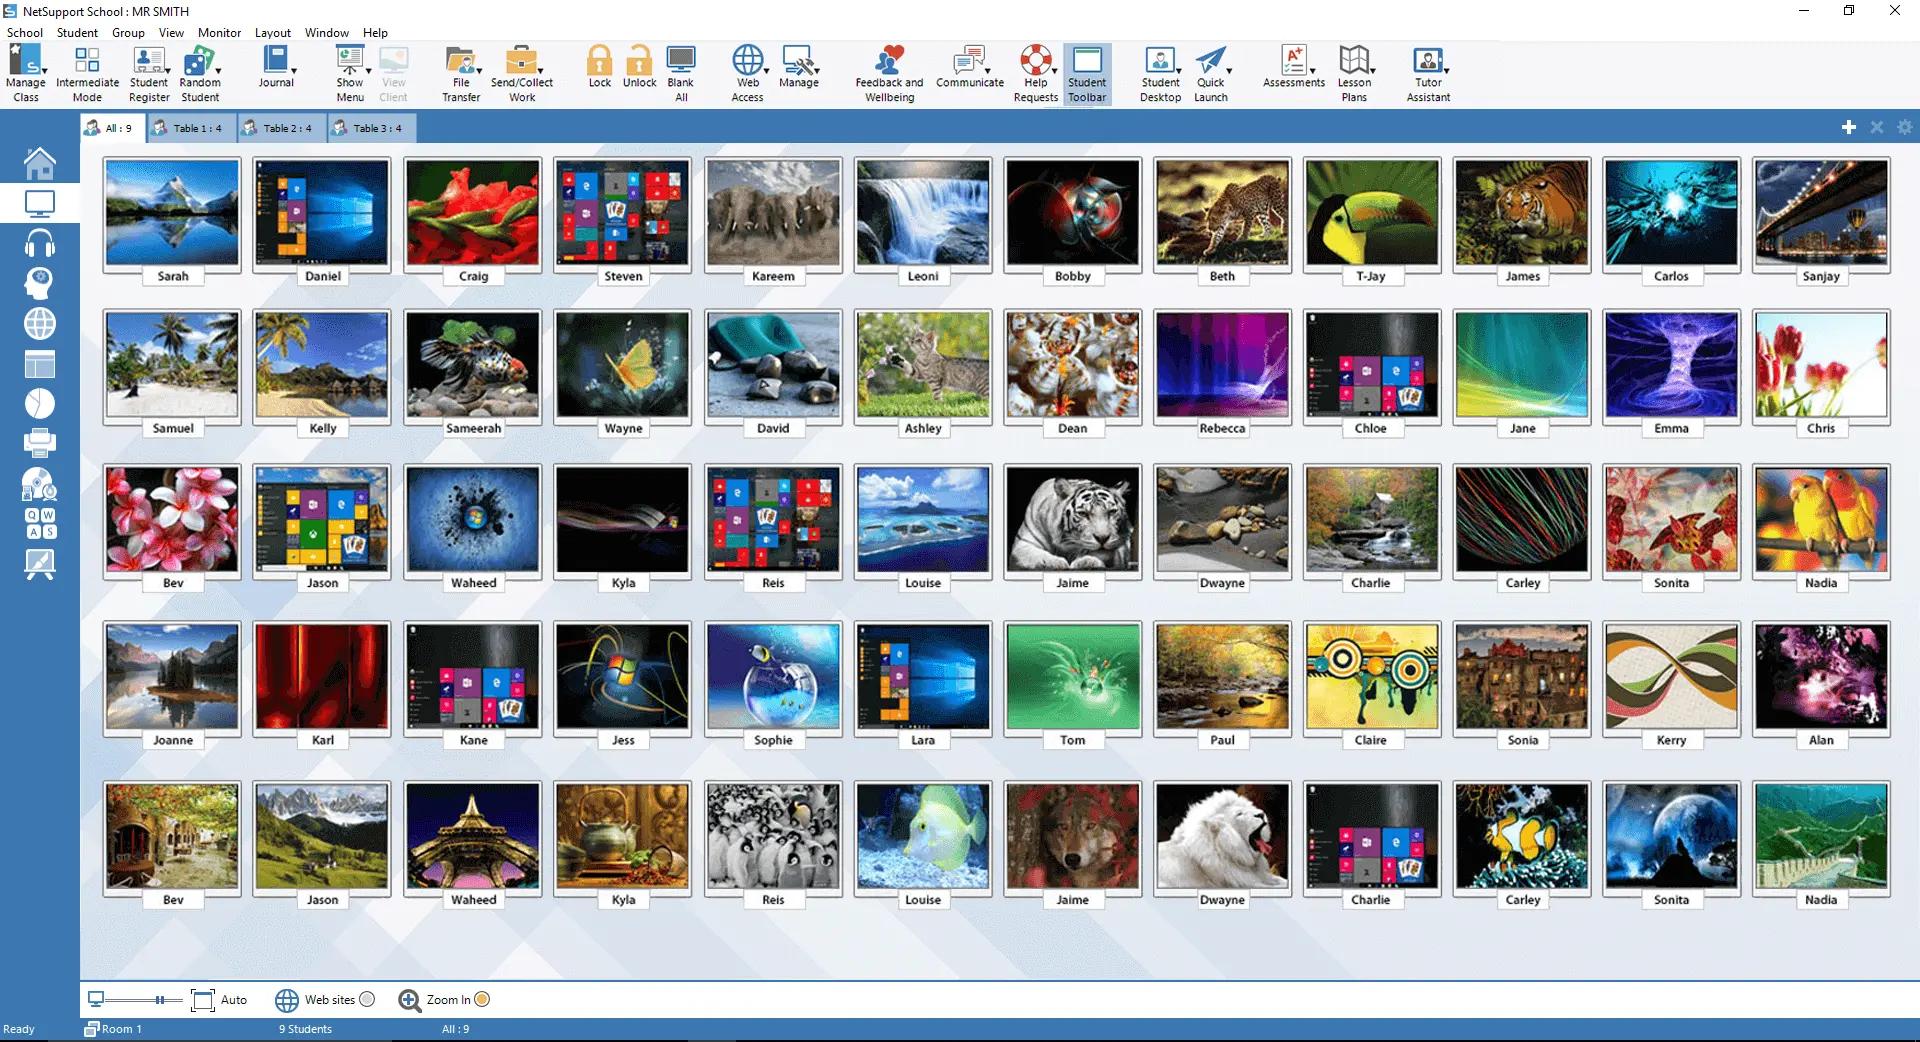 NetSupport School Software - NetSupport School - Thumbnail view